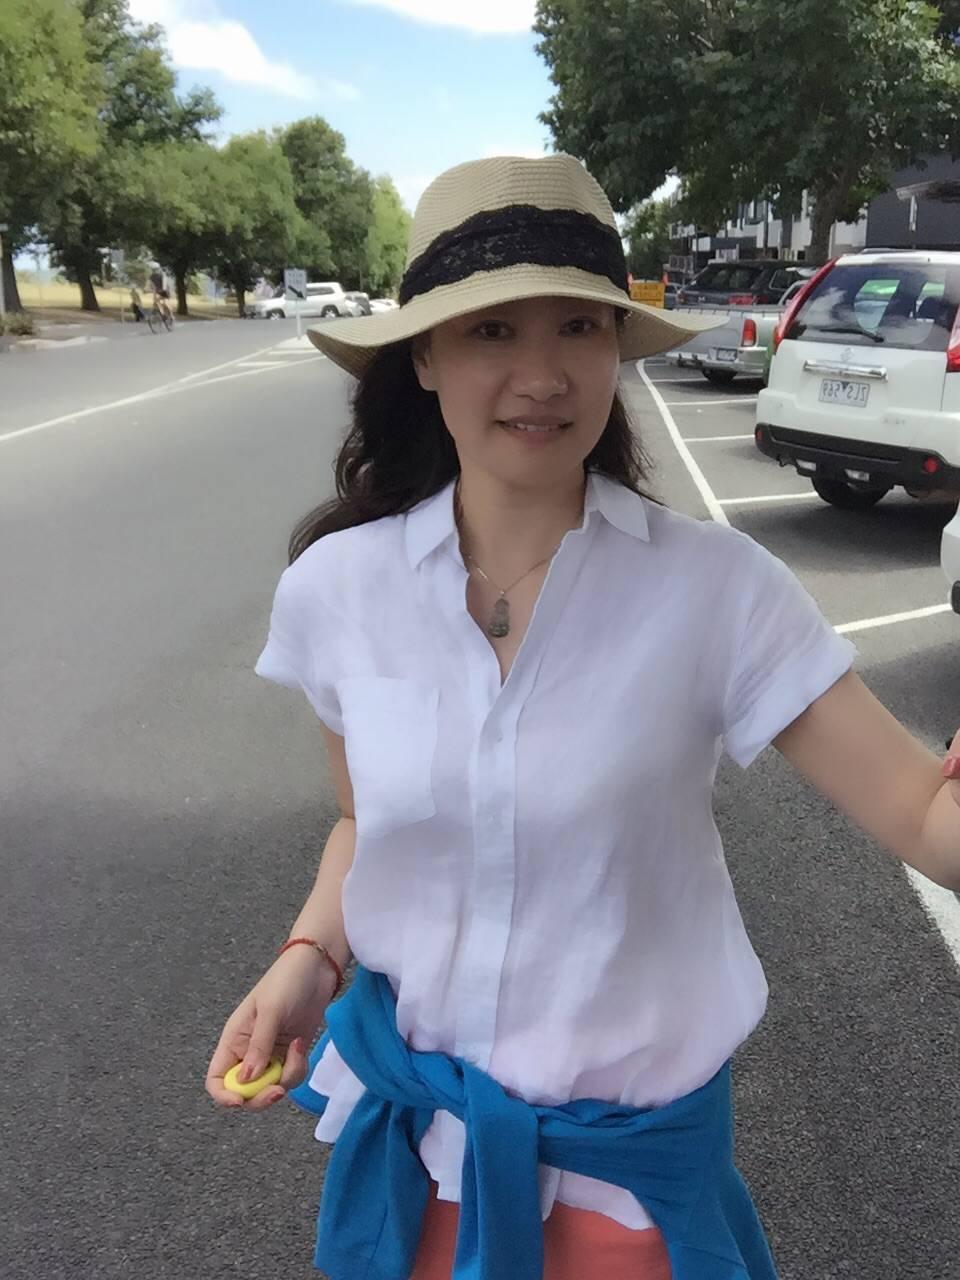 北上广深女子图鉴 离婚不等于失去爱的能力,42岁,一个重新开始的年纪